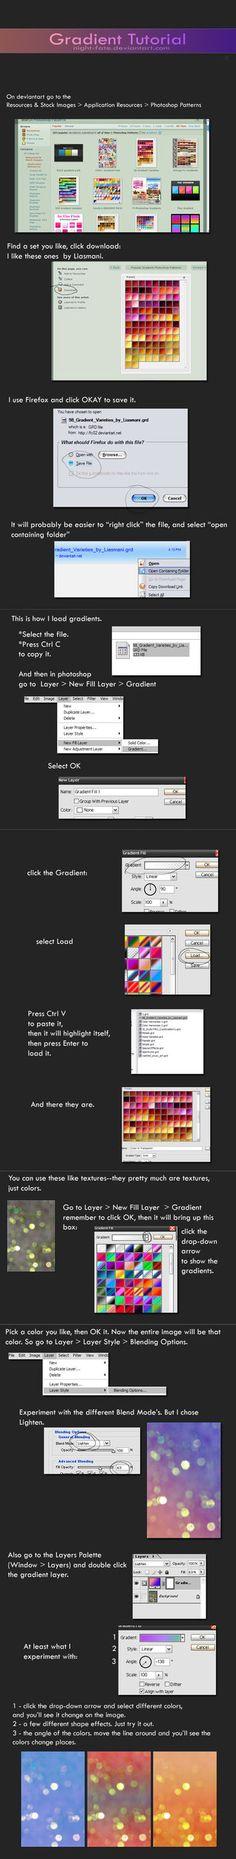 gradient tutorial